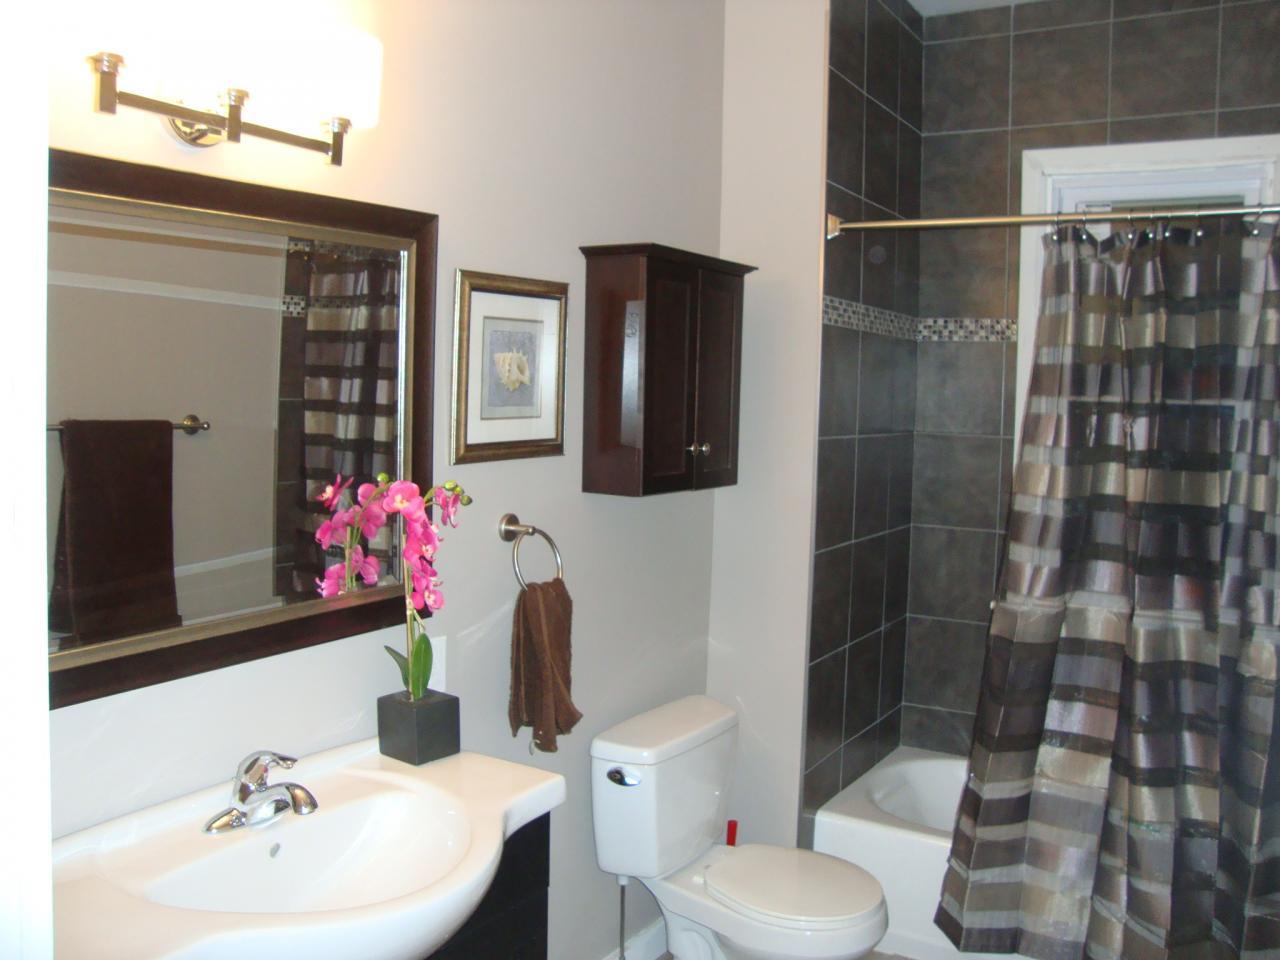 4622 Dupont Bathroom - after